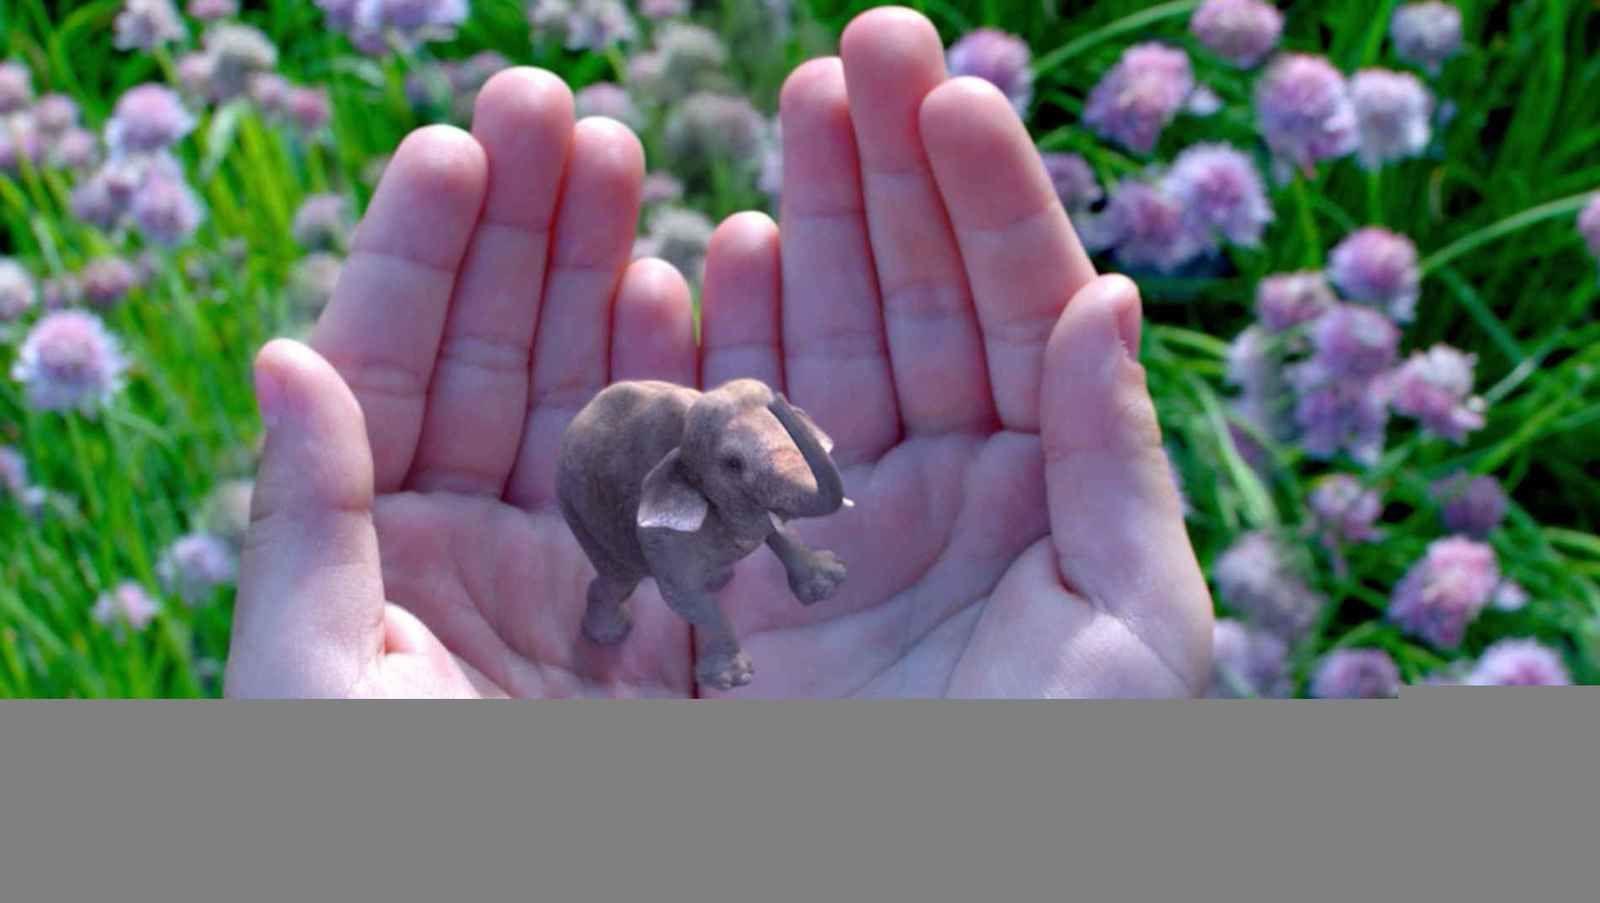 si nous ne sommes plus dans la réalité comme cela va être facile de nous entuber...mémoire d'éléphant ça dure plus longtemps.